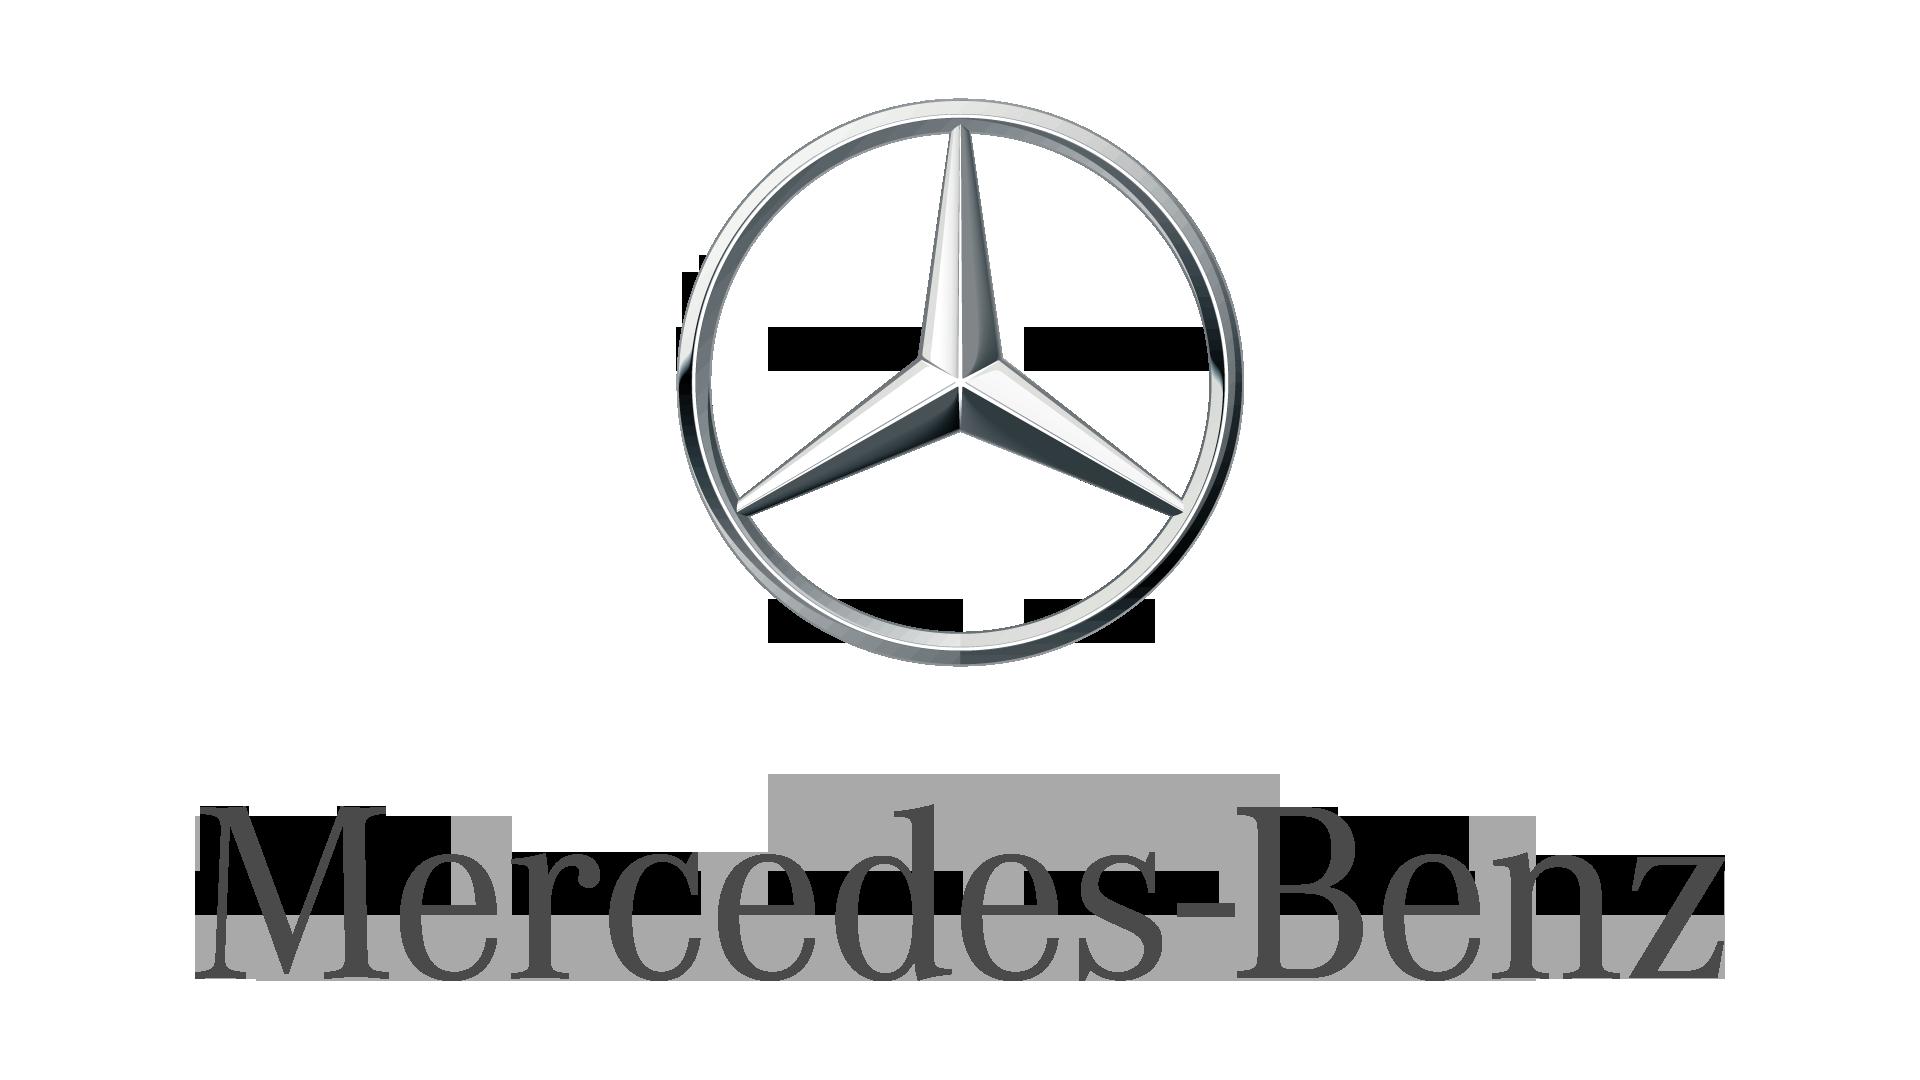 Mercedes_Benz_logo.png